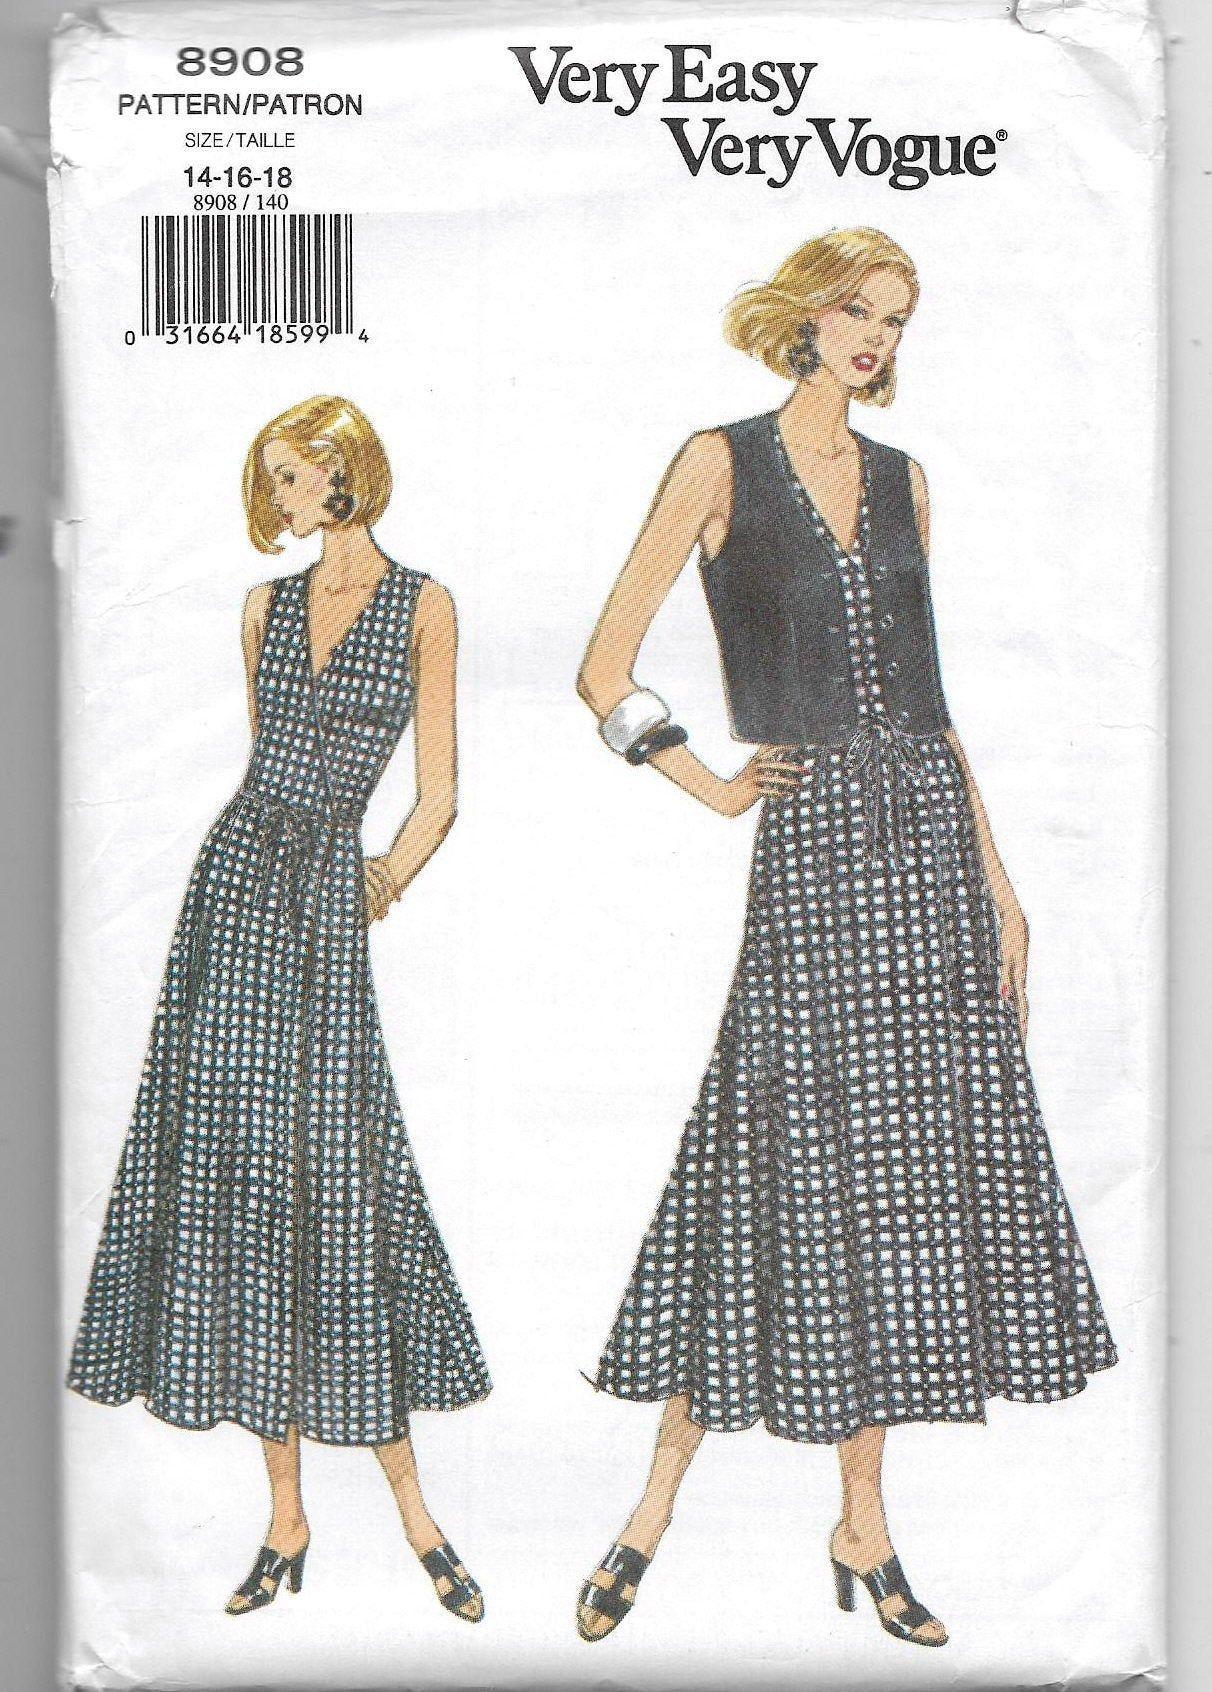 Uncut Misses Size 14 16 18 Sewing Pattern Vogue 8908 Wrap Etsy Fit And Flare Vogue Sewing Patterns Wrap Dress [ 1692 x 1212 Pixel ]